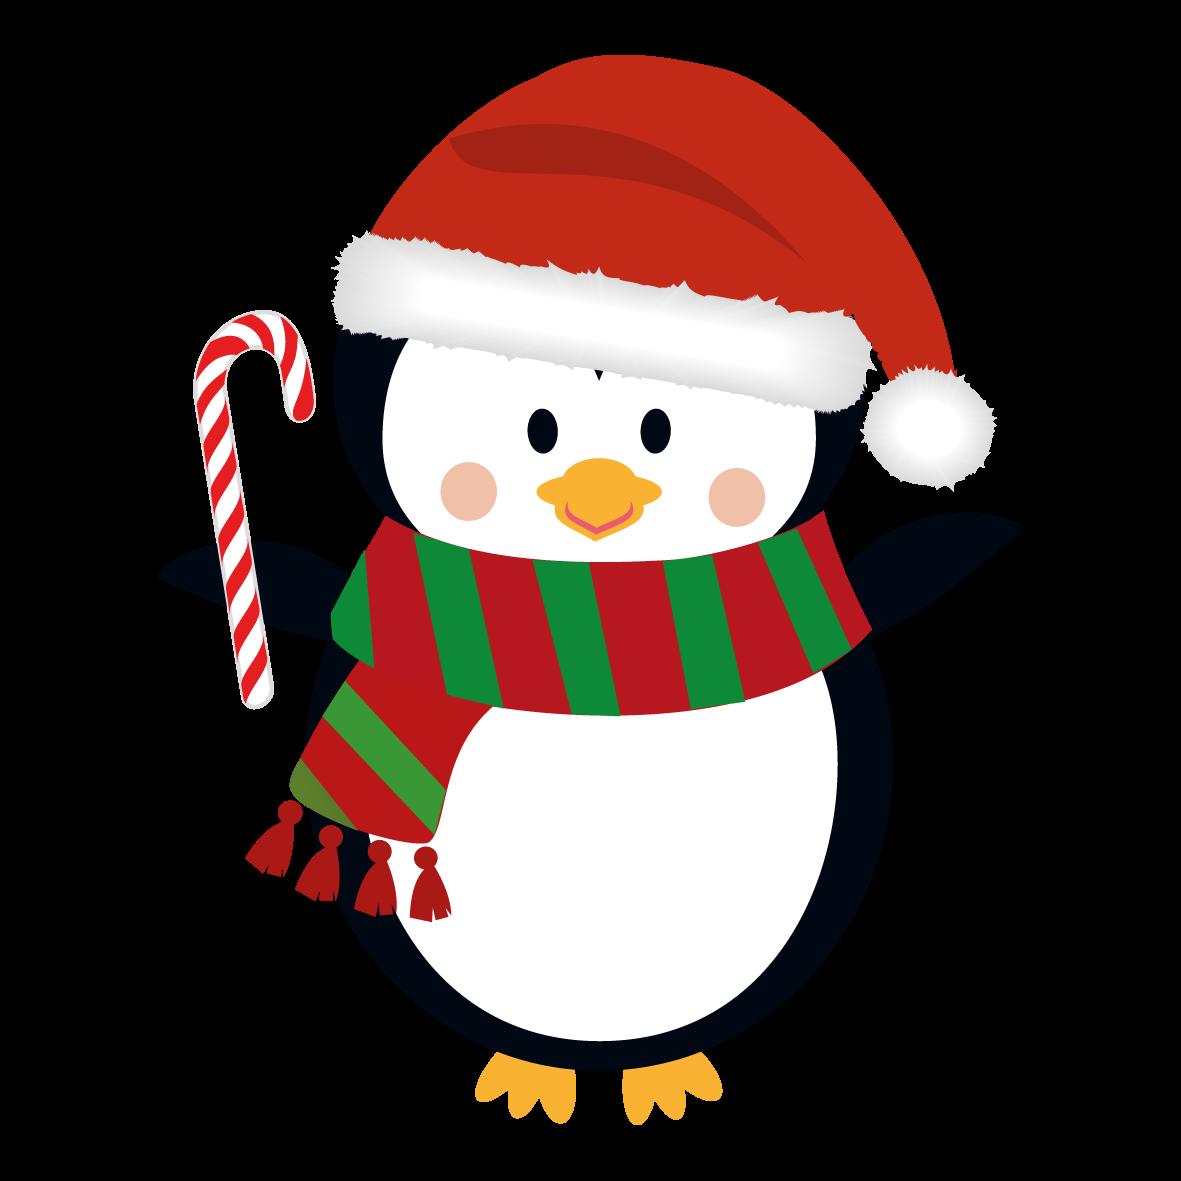 PeekABooPaper Digital Scrapbooking: Merry Christmas everyone!